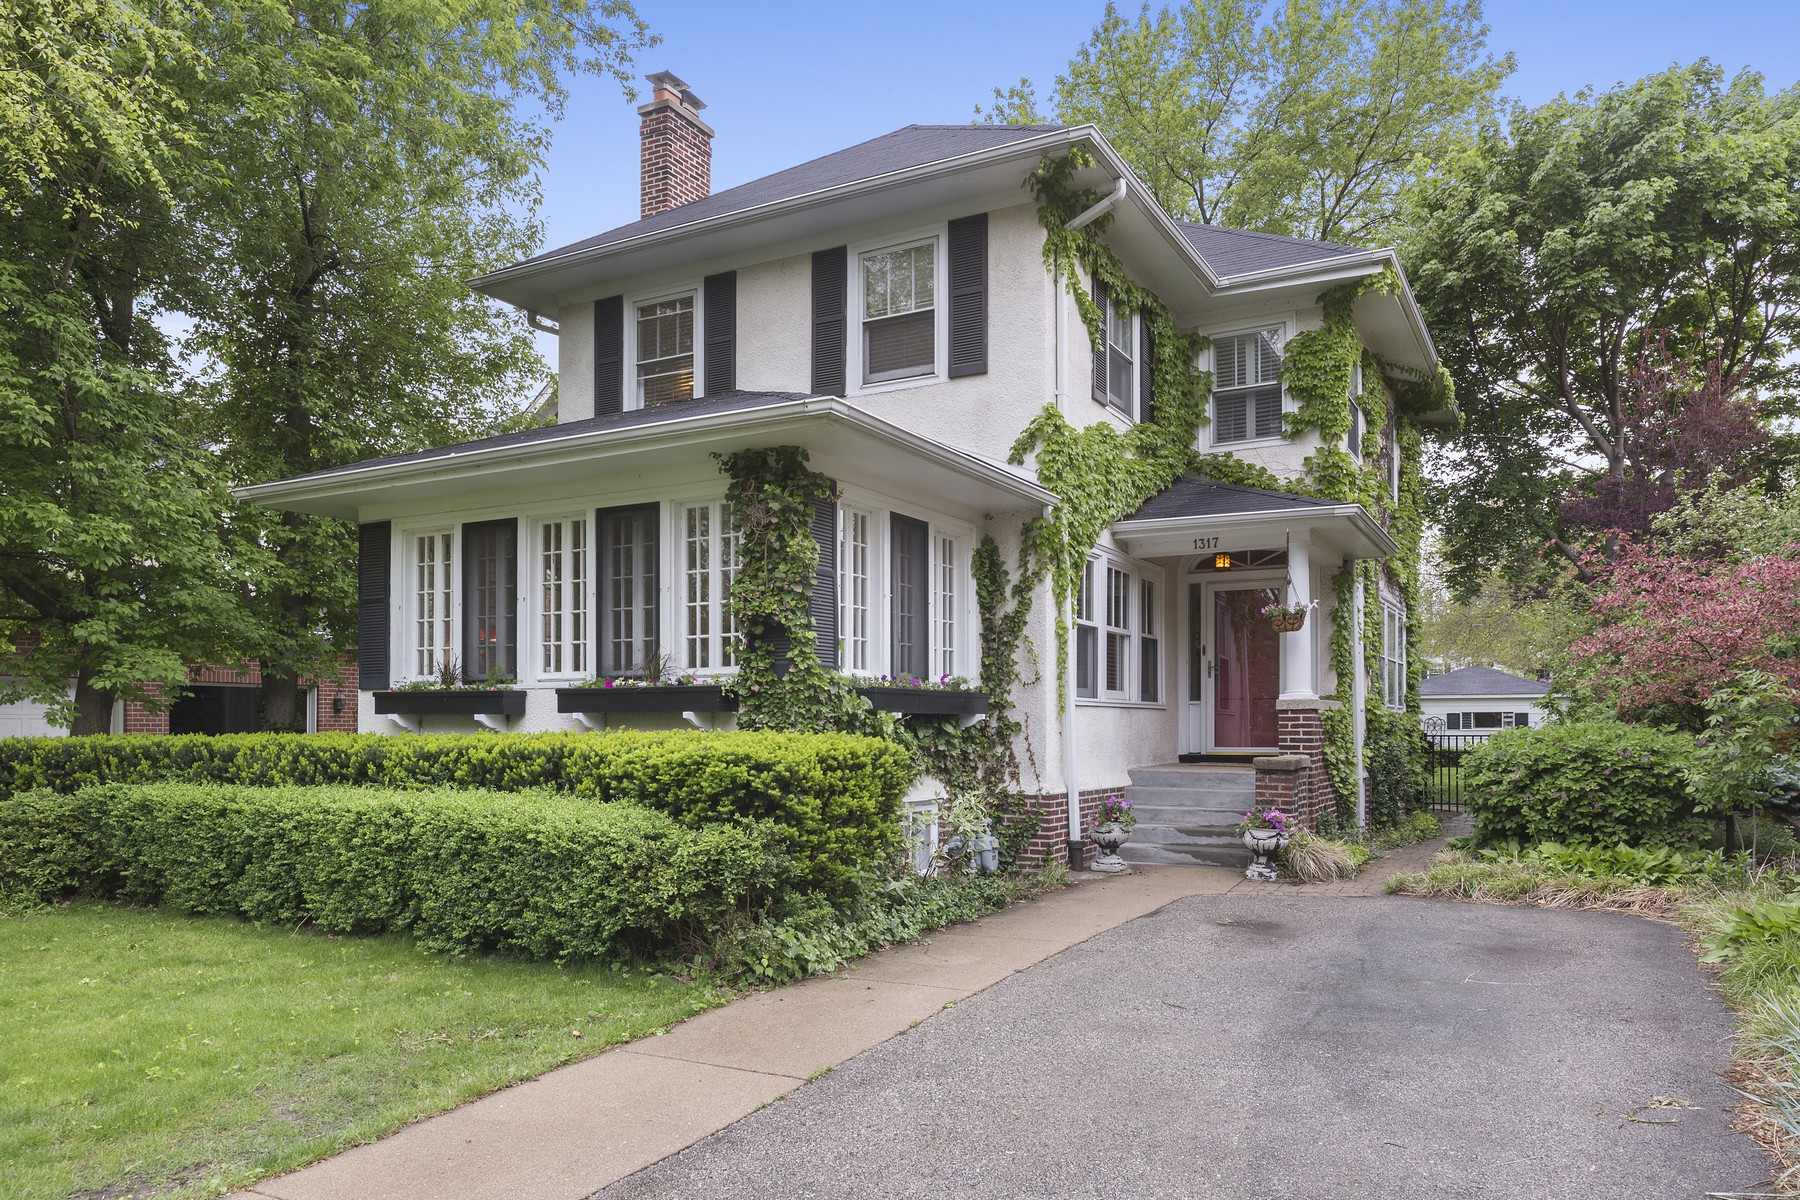 Nhà ở một gia đình vì Bán tại Gracious Old World Home 1317 Jenks Street Evanston, Illinois, 60201 Hoa Kỳ